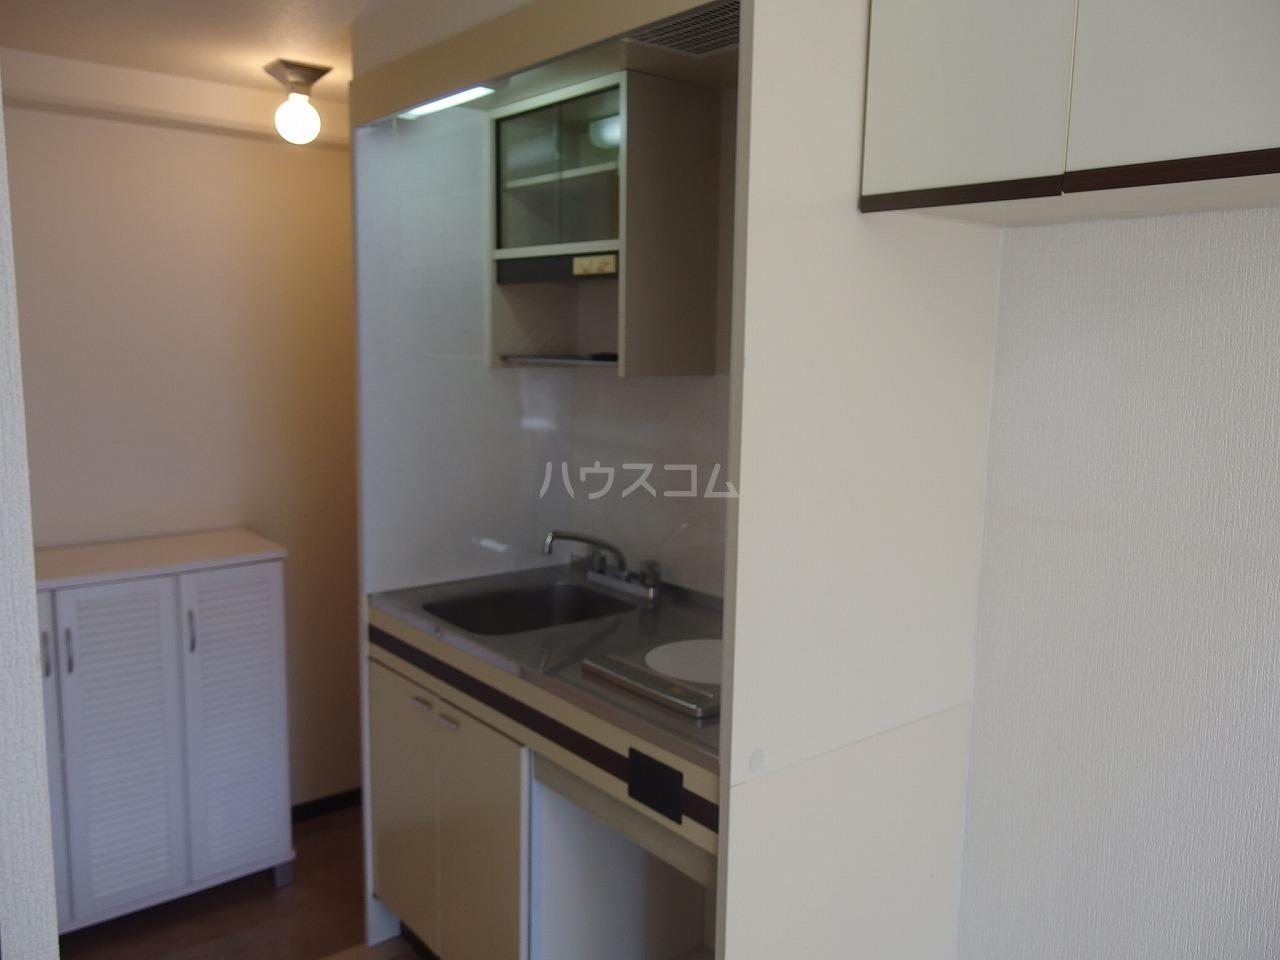 グランラパン 101号室のキッチン